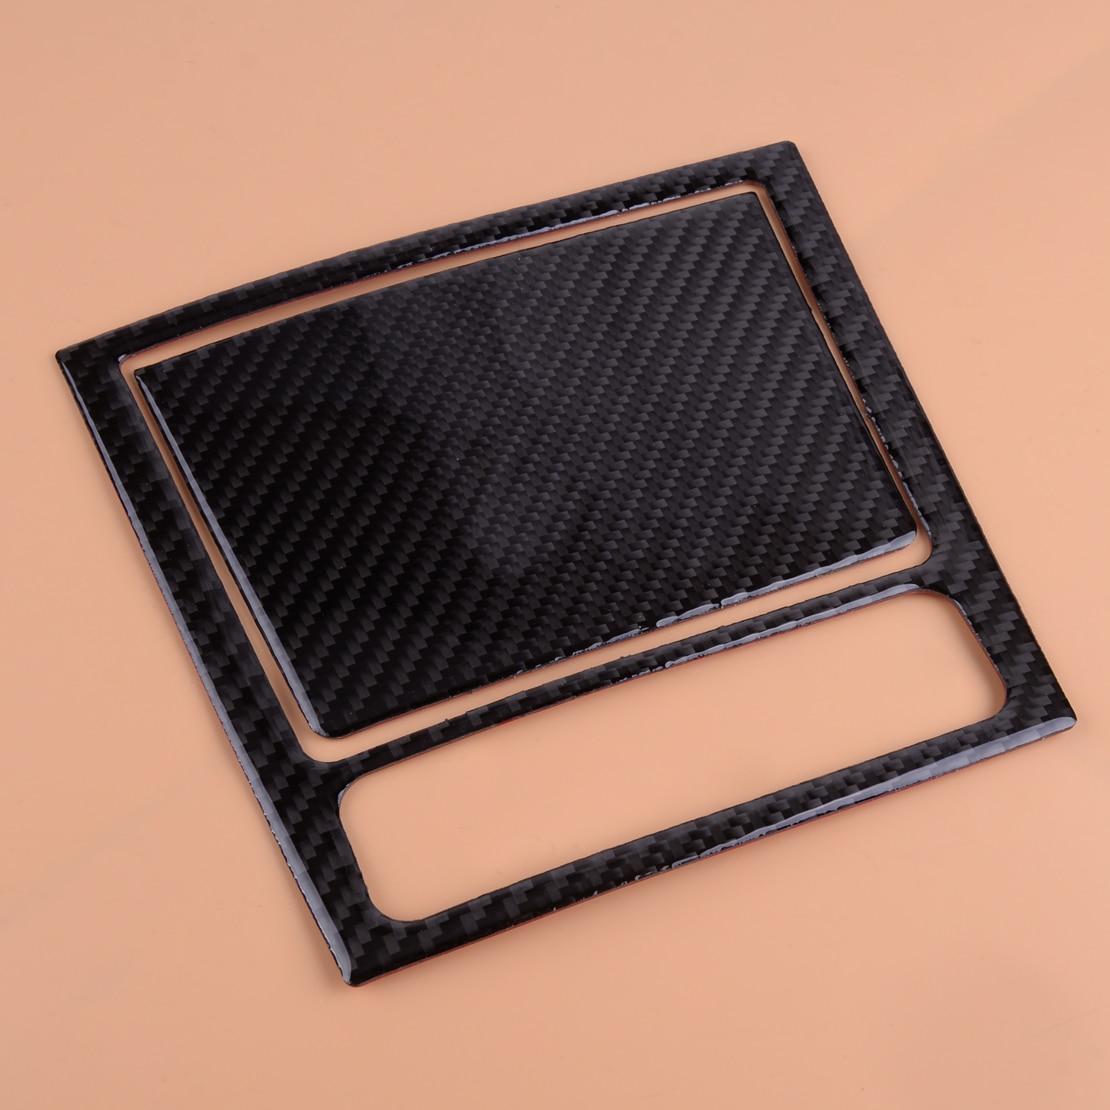 CITALL textura de fibra de carbono Centro frontal Cenicero de almacenamiento de la cubierta del Panel ajuste para VW Golf GTI 6 MK6